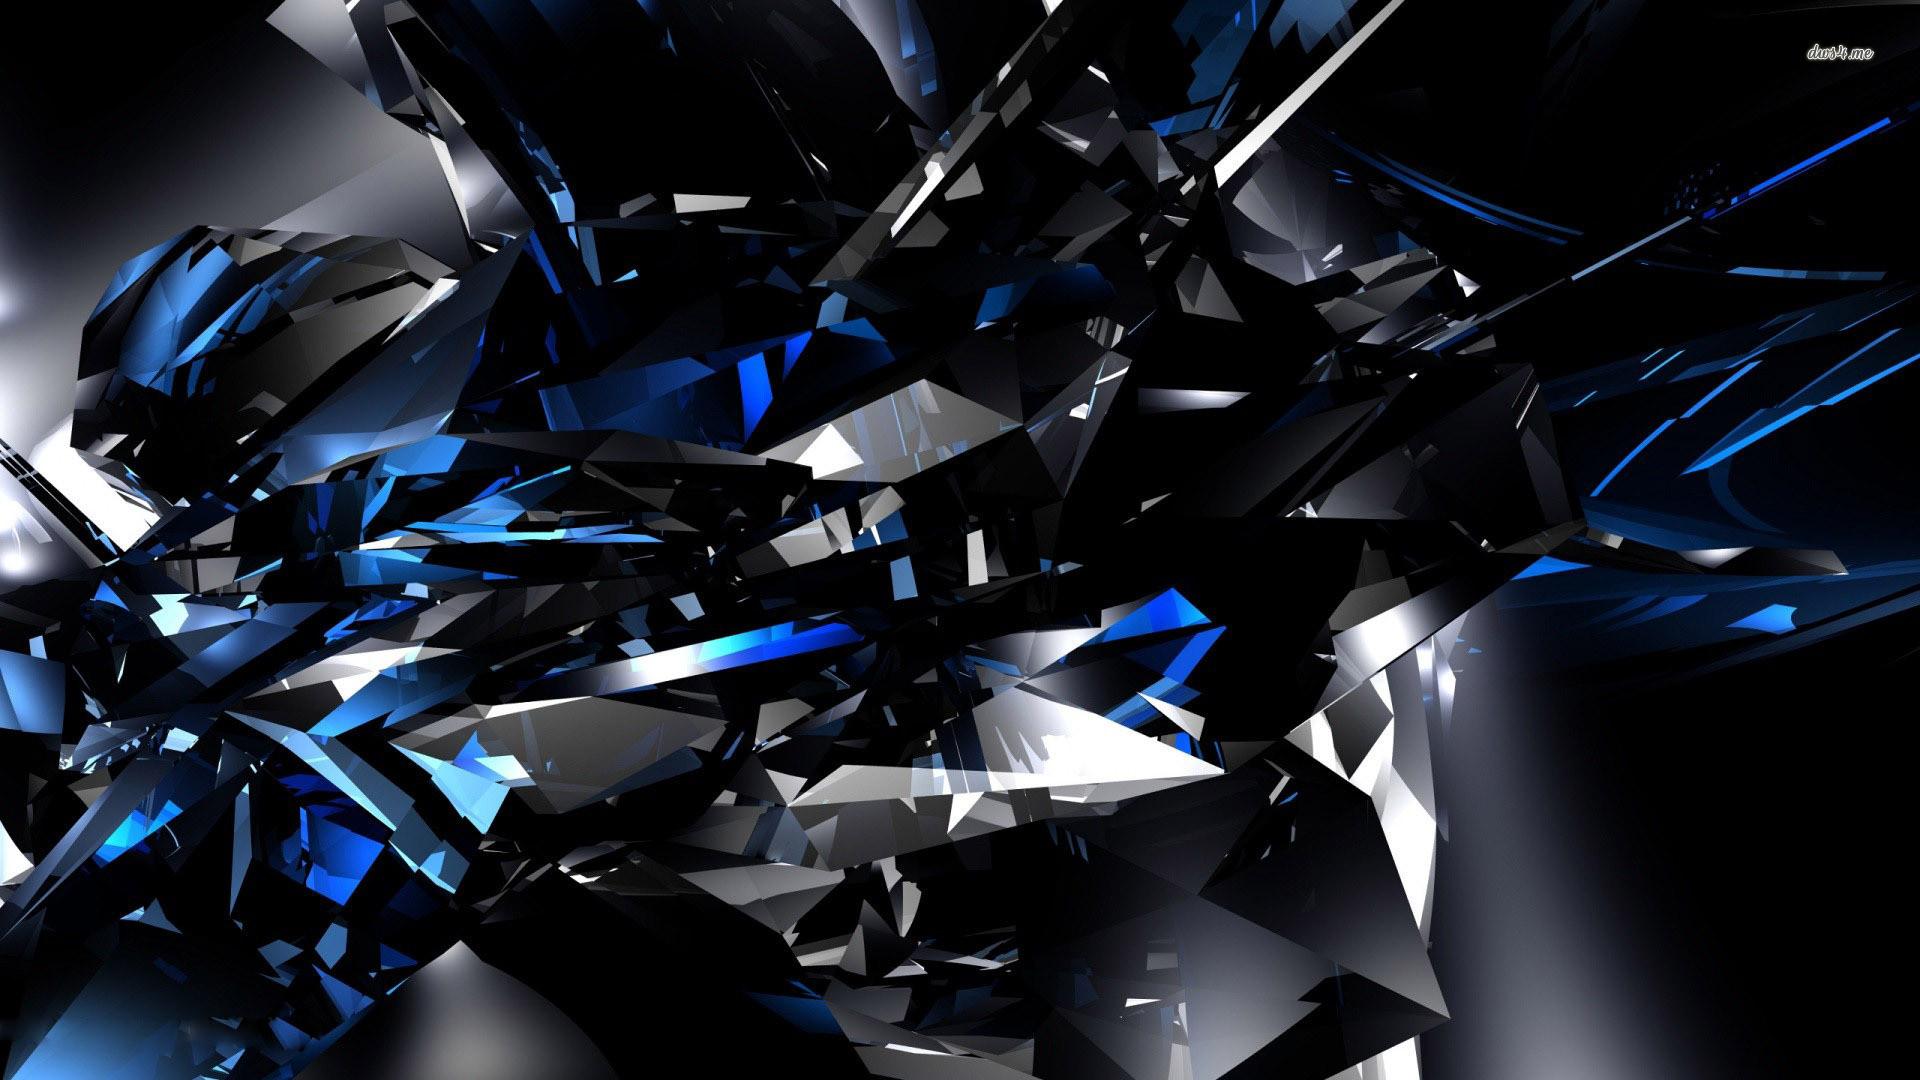 Black And Blue Desktop Wallpaper 4 Background